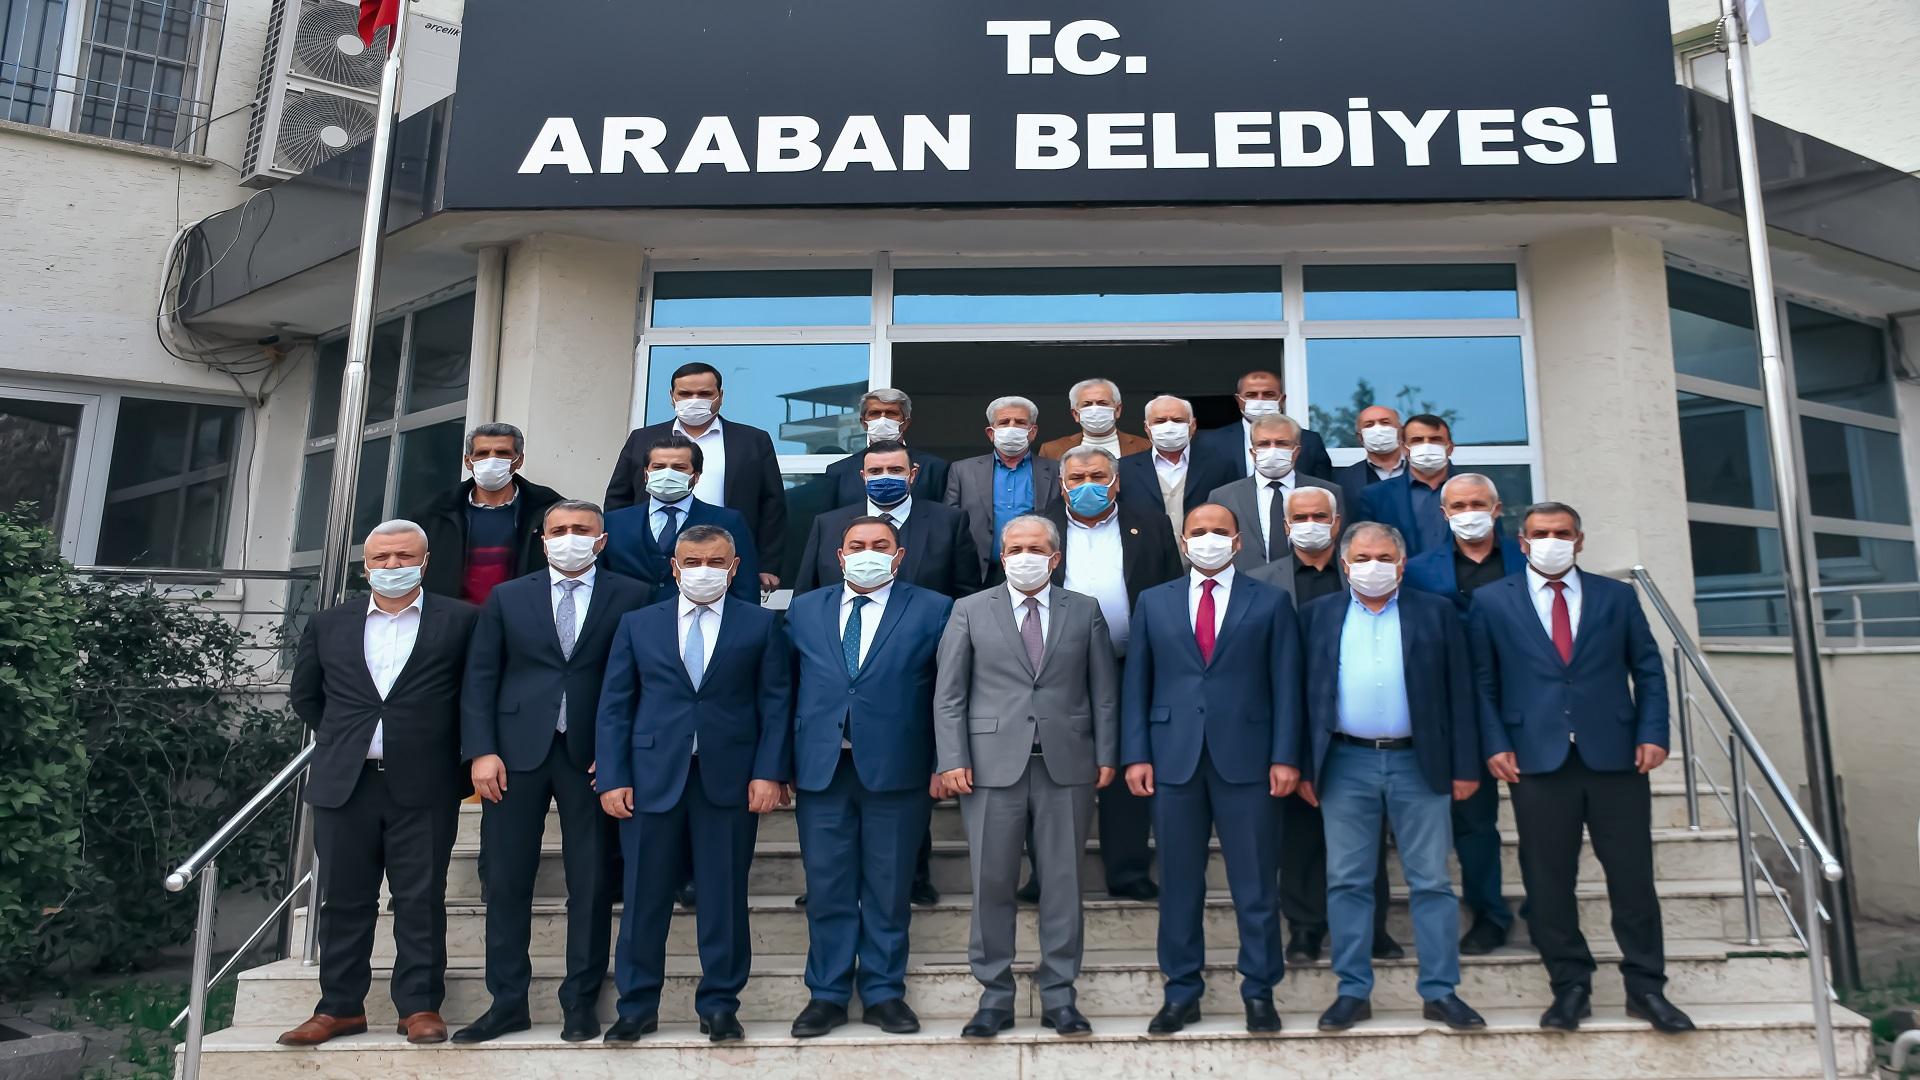 AK Parti MKYK Üyesi Şamil Tayyar Araban Belediyesini Ziyaret Etti